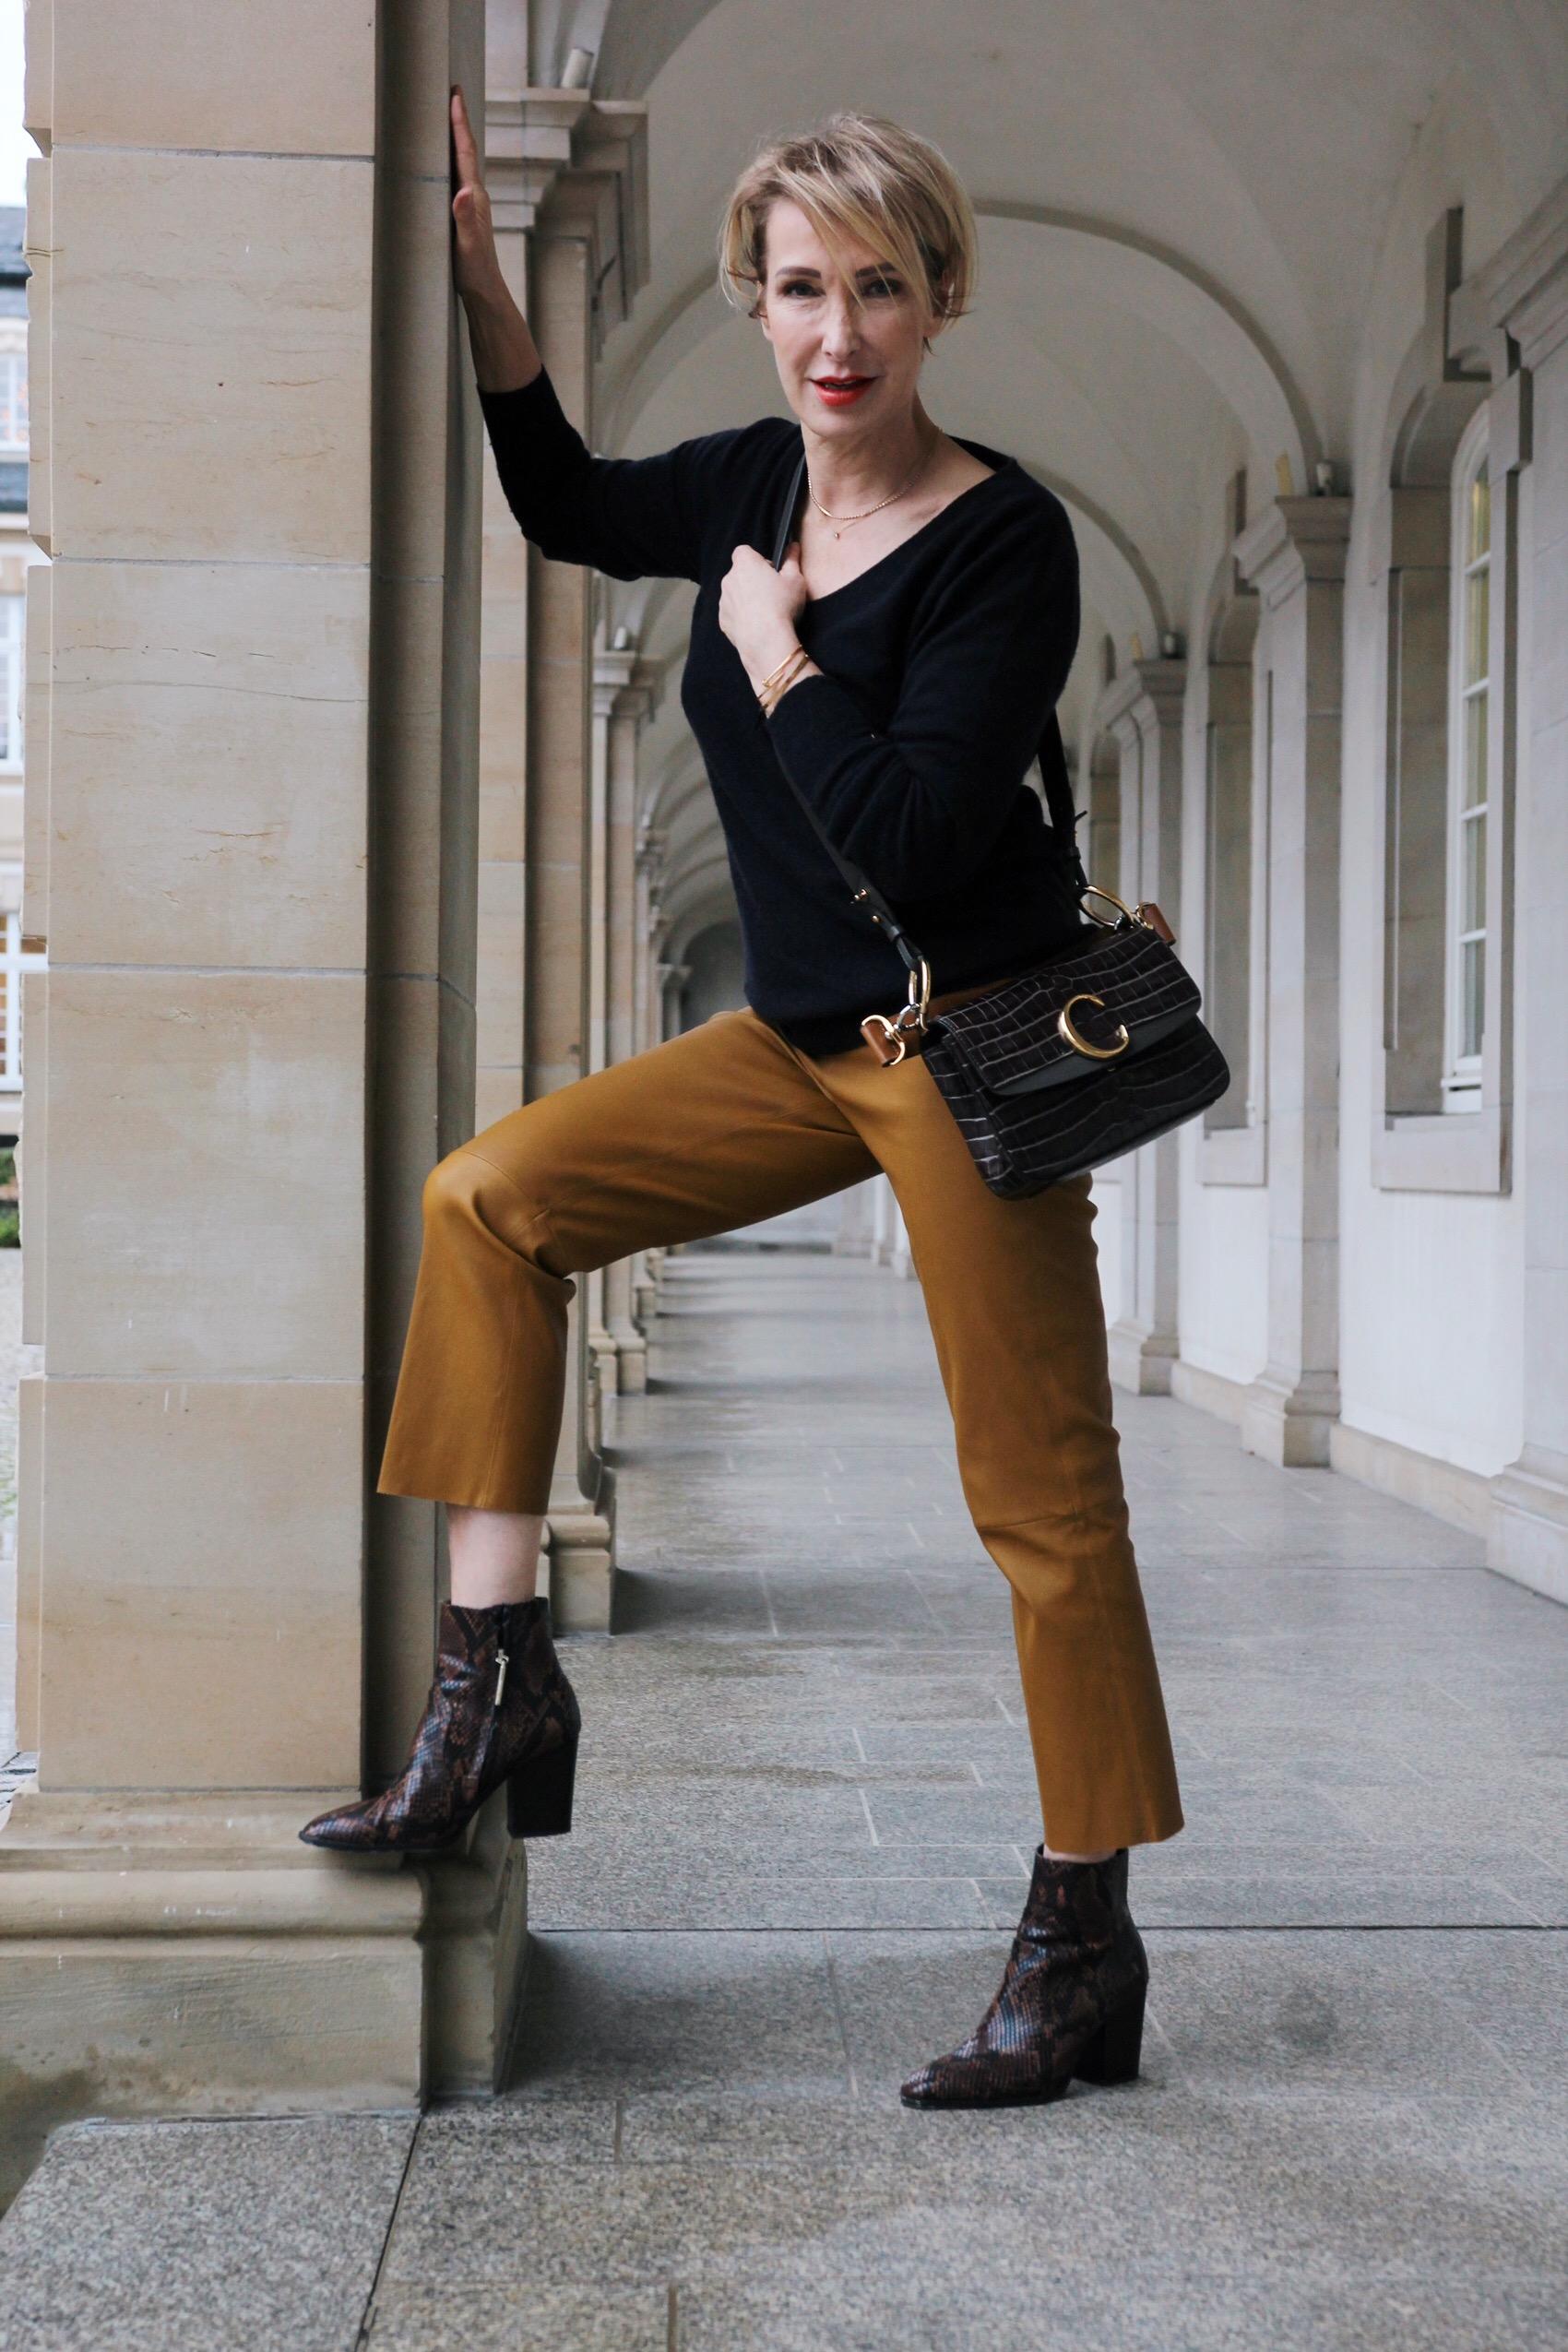 glamupyourlifestyle lederhose ue-40-blog ü-50-blog ue-50-mode